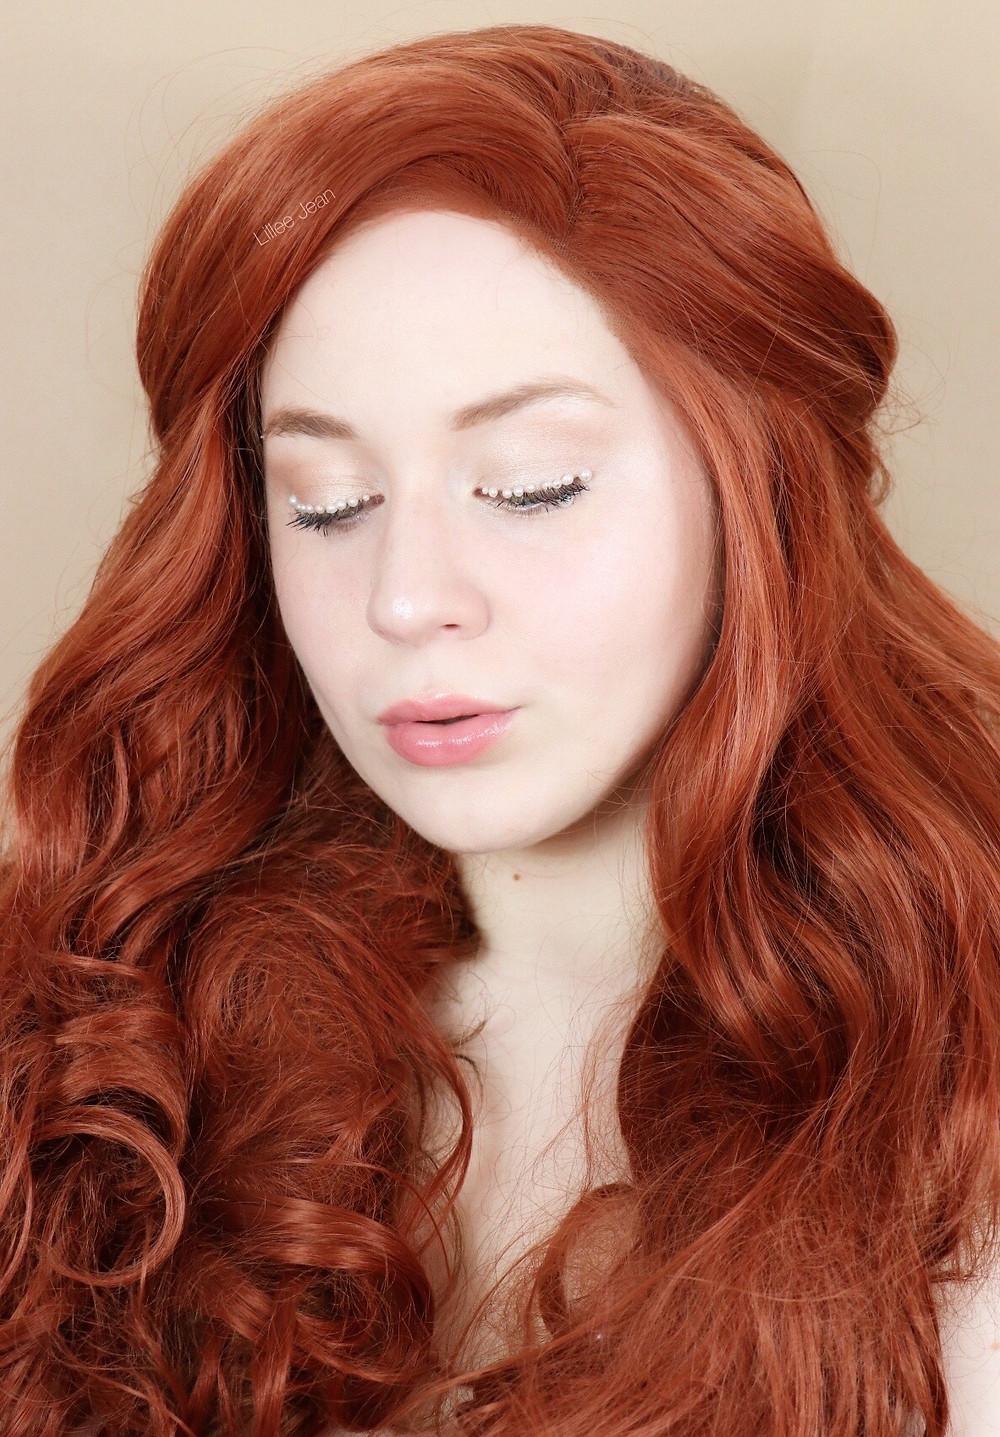 Aphrodite Greek Goddess makeup | PEARL Eyeliner glowy Skin Tutorial 2020 | Lillee Jean